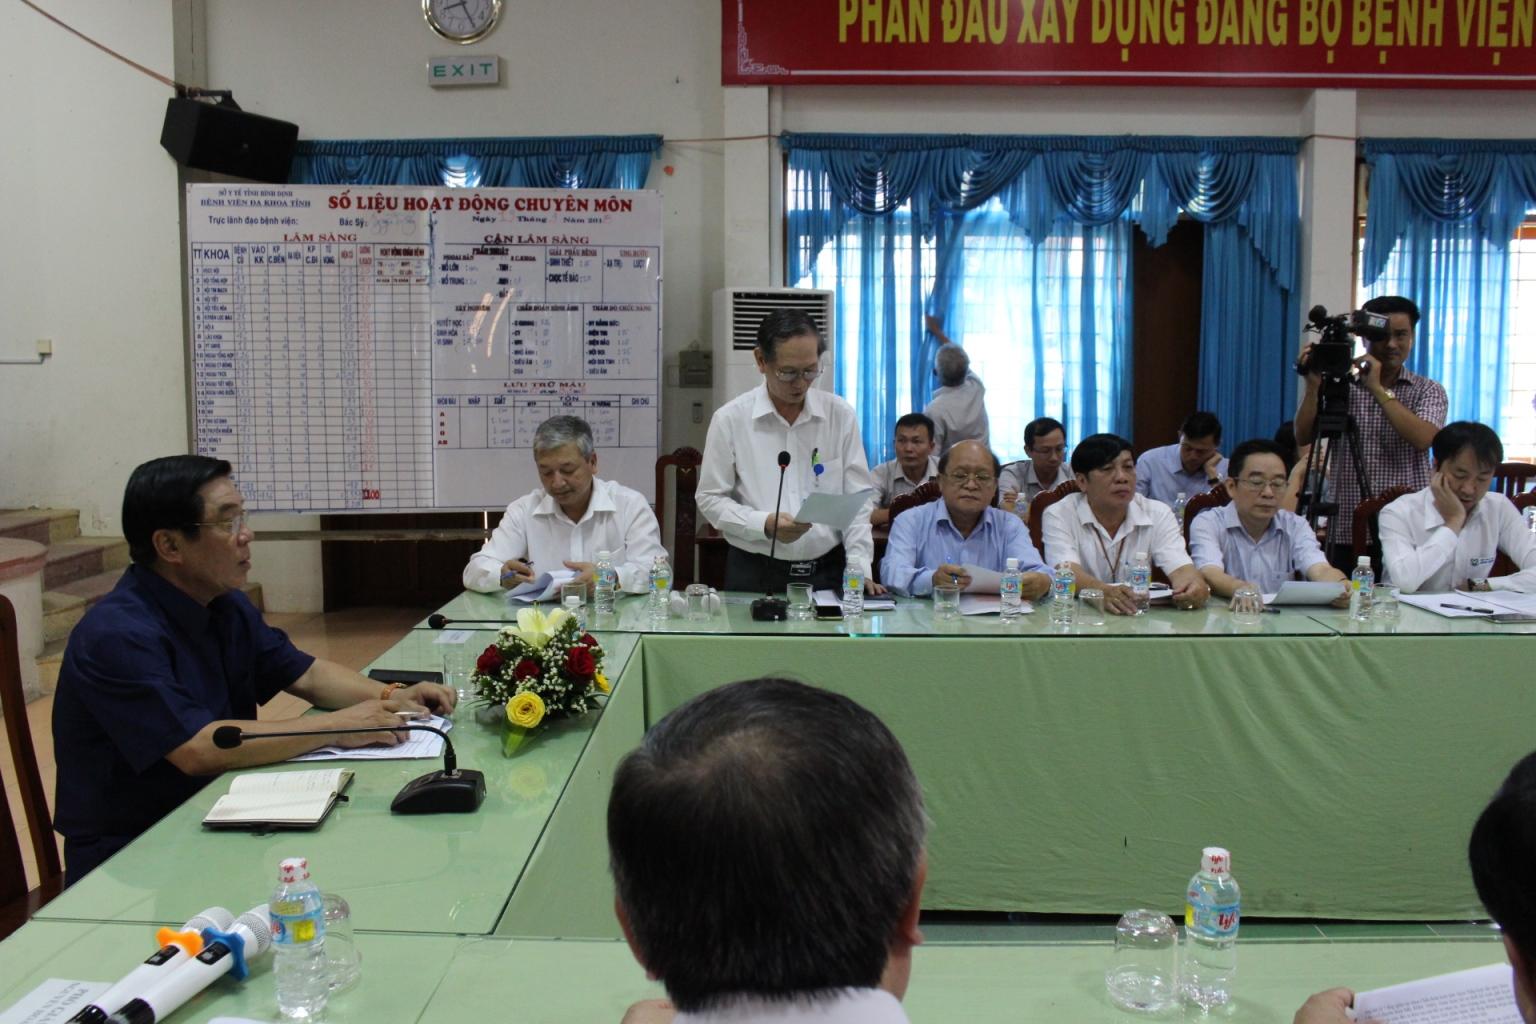 Bí thư Tỉnh ủy Nguyễn Thanh Tùng đến thăm và làm việc cùng lãnh đạo, y bác sĩ của bệnh viện Đa khoa tỉnh